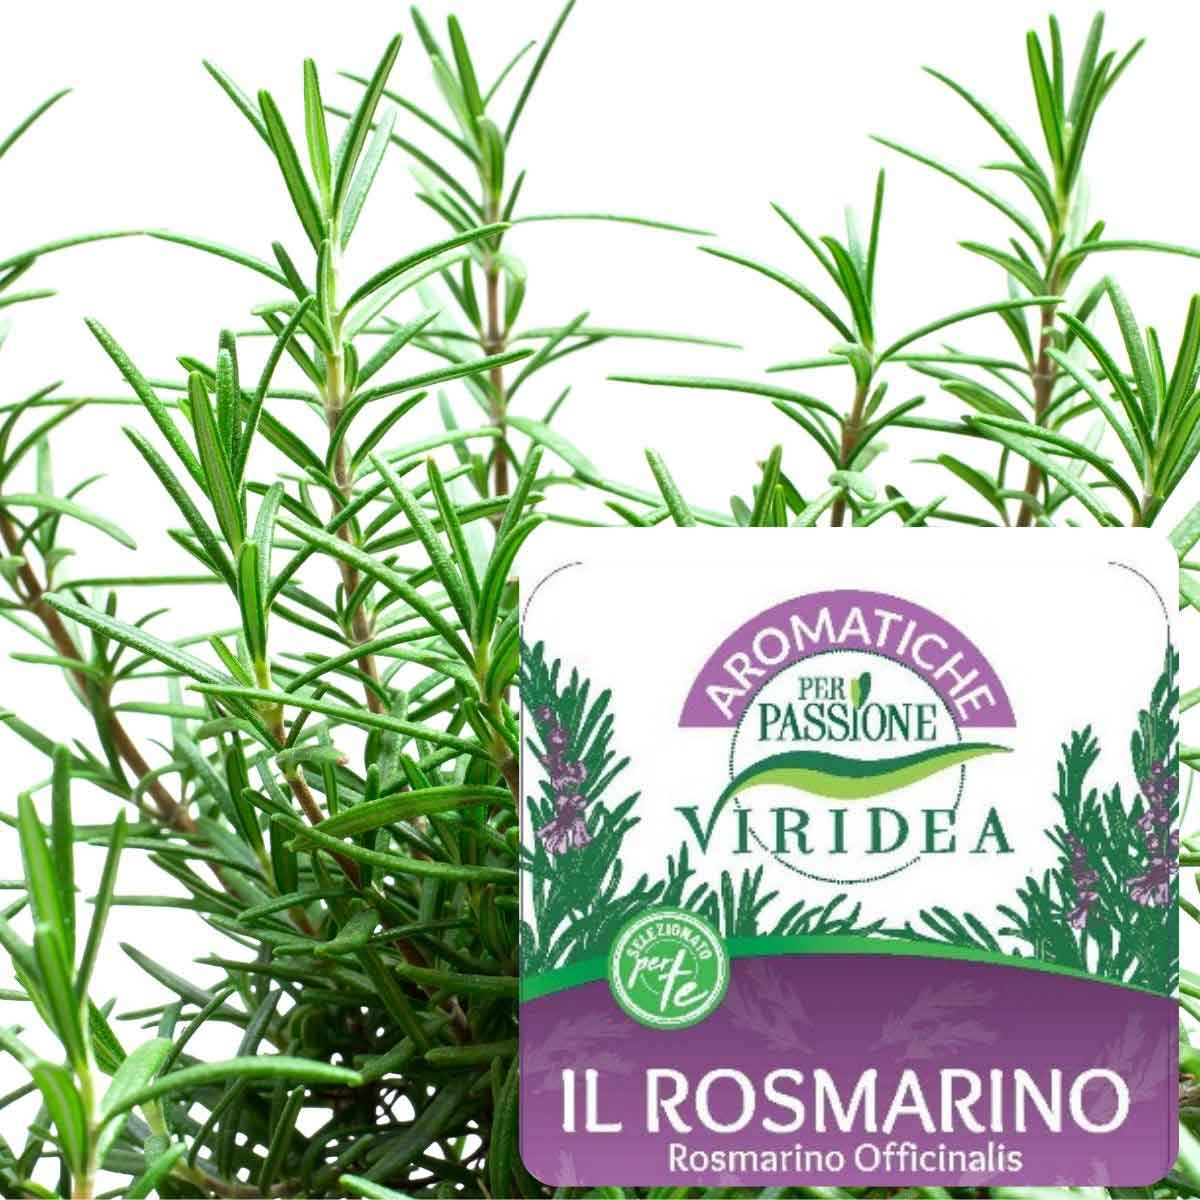 Aromatiche per Passione – Rosmarino